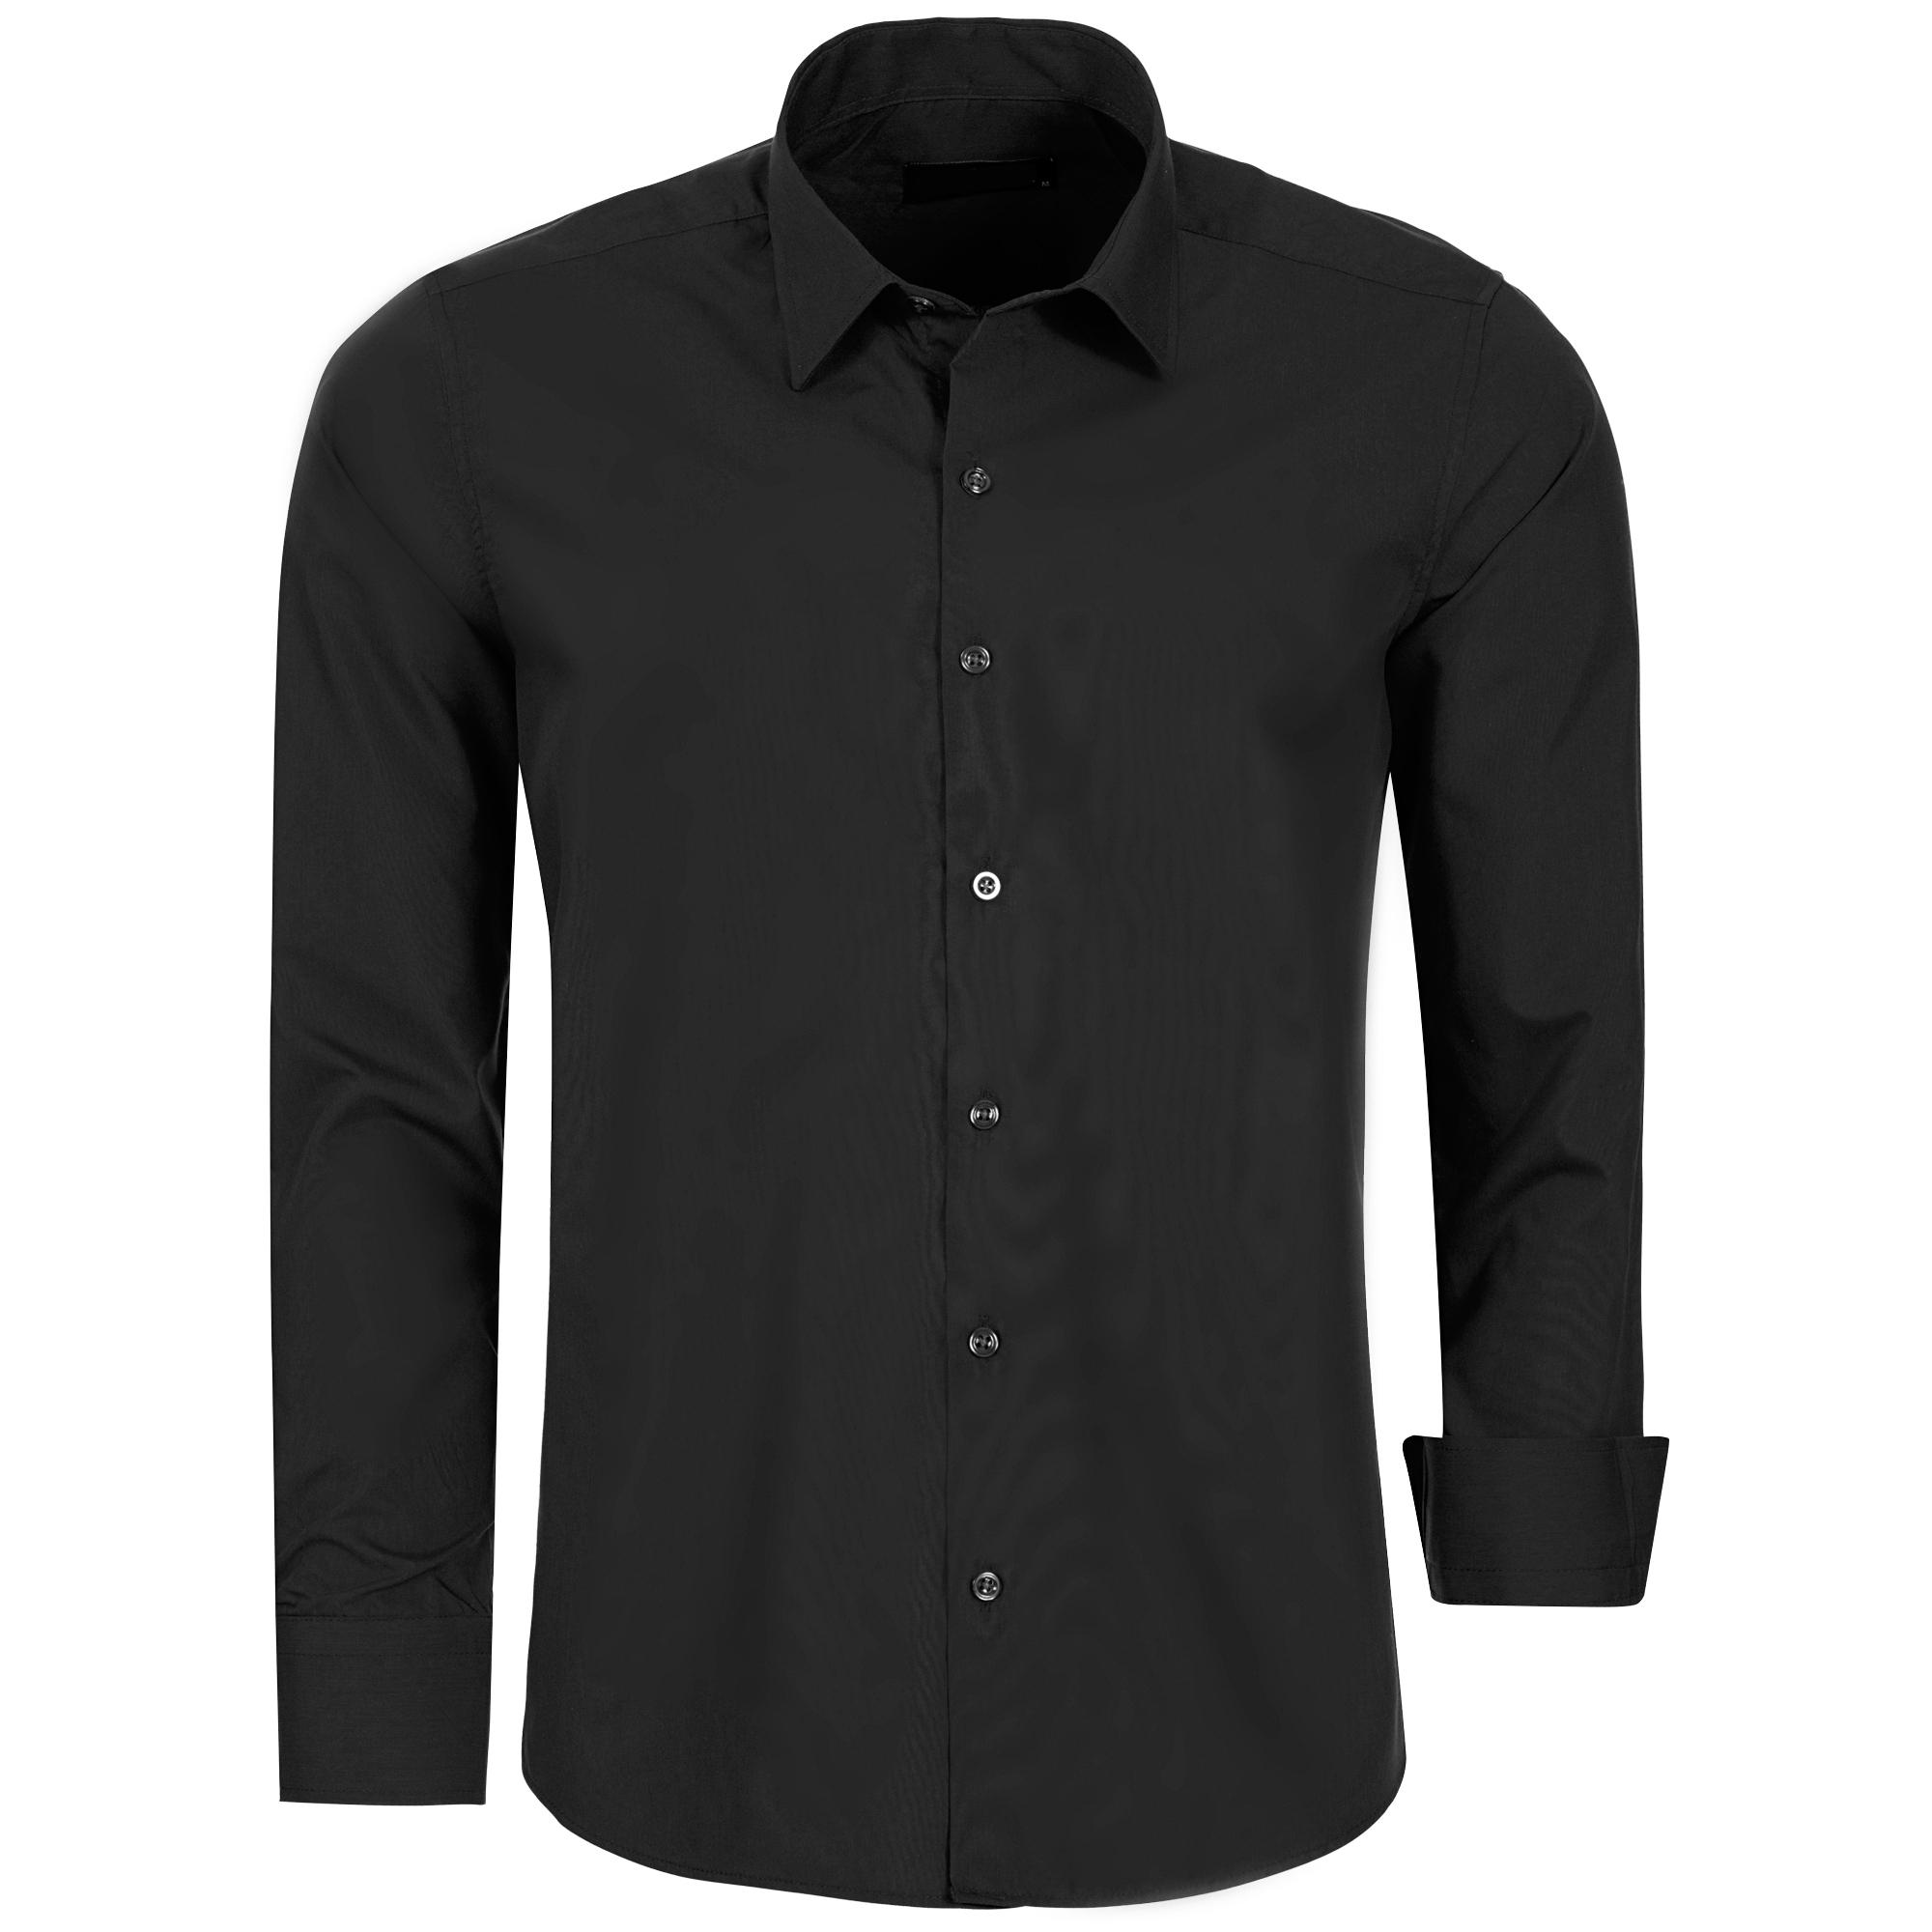 Hemd mit Kontrast Details Herren Hemden Weiß, Schwarz